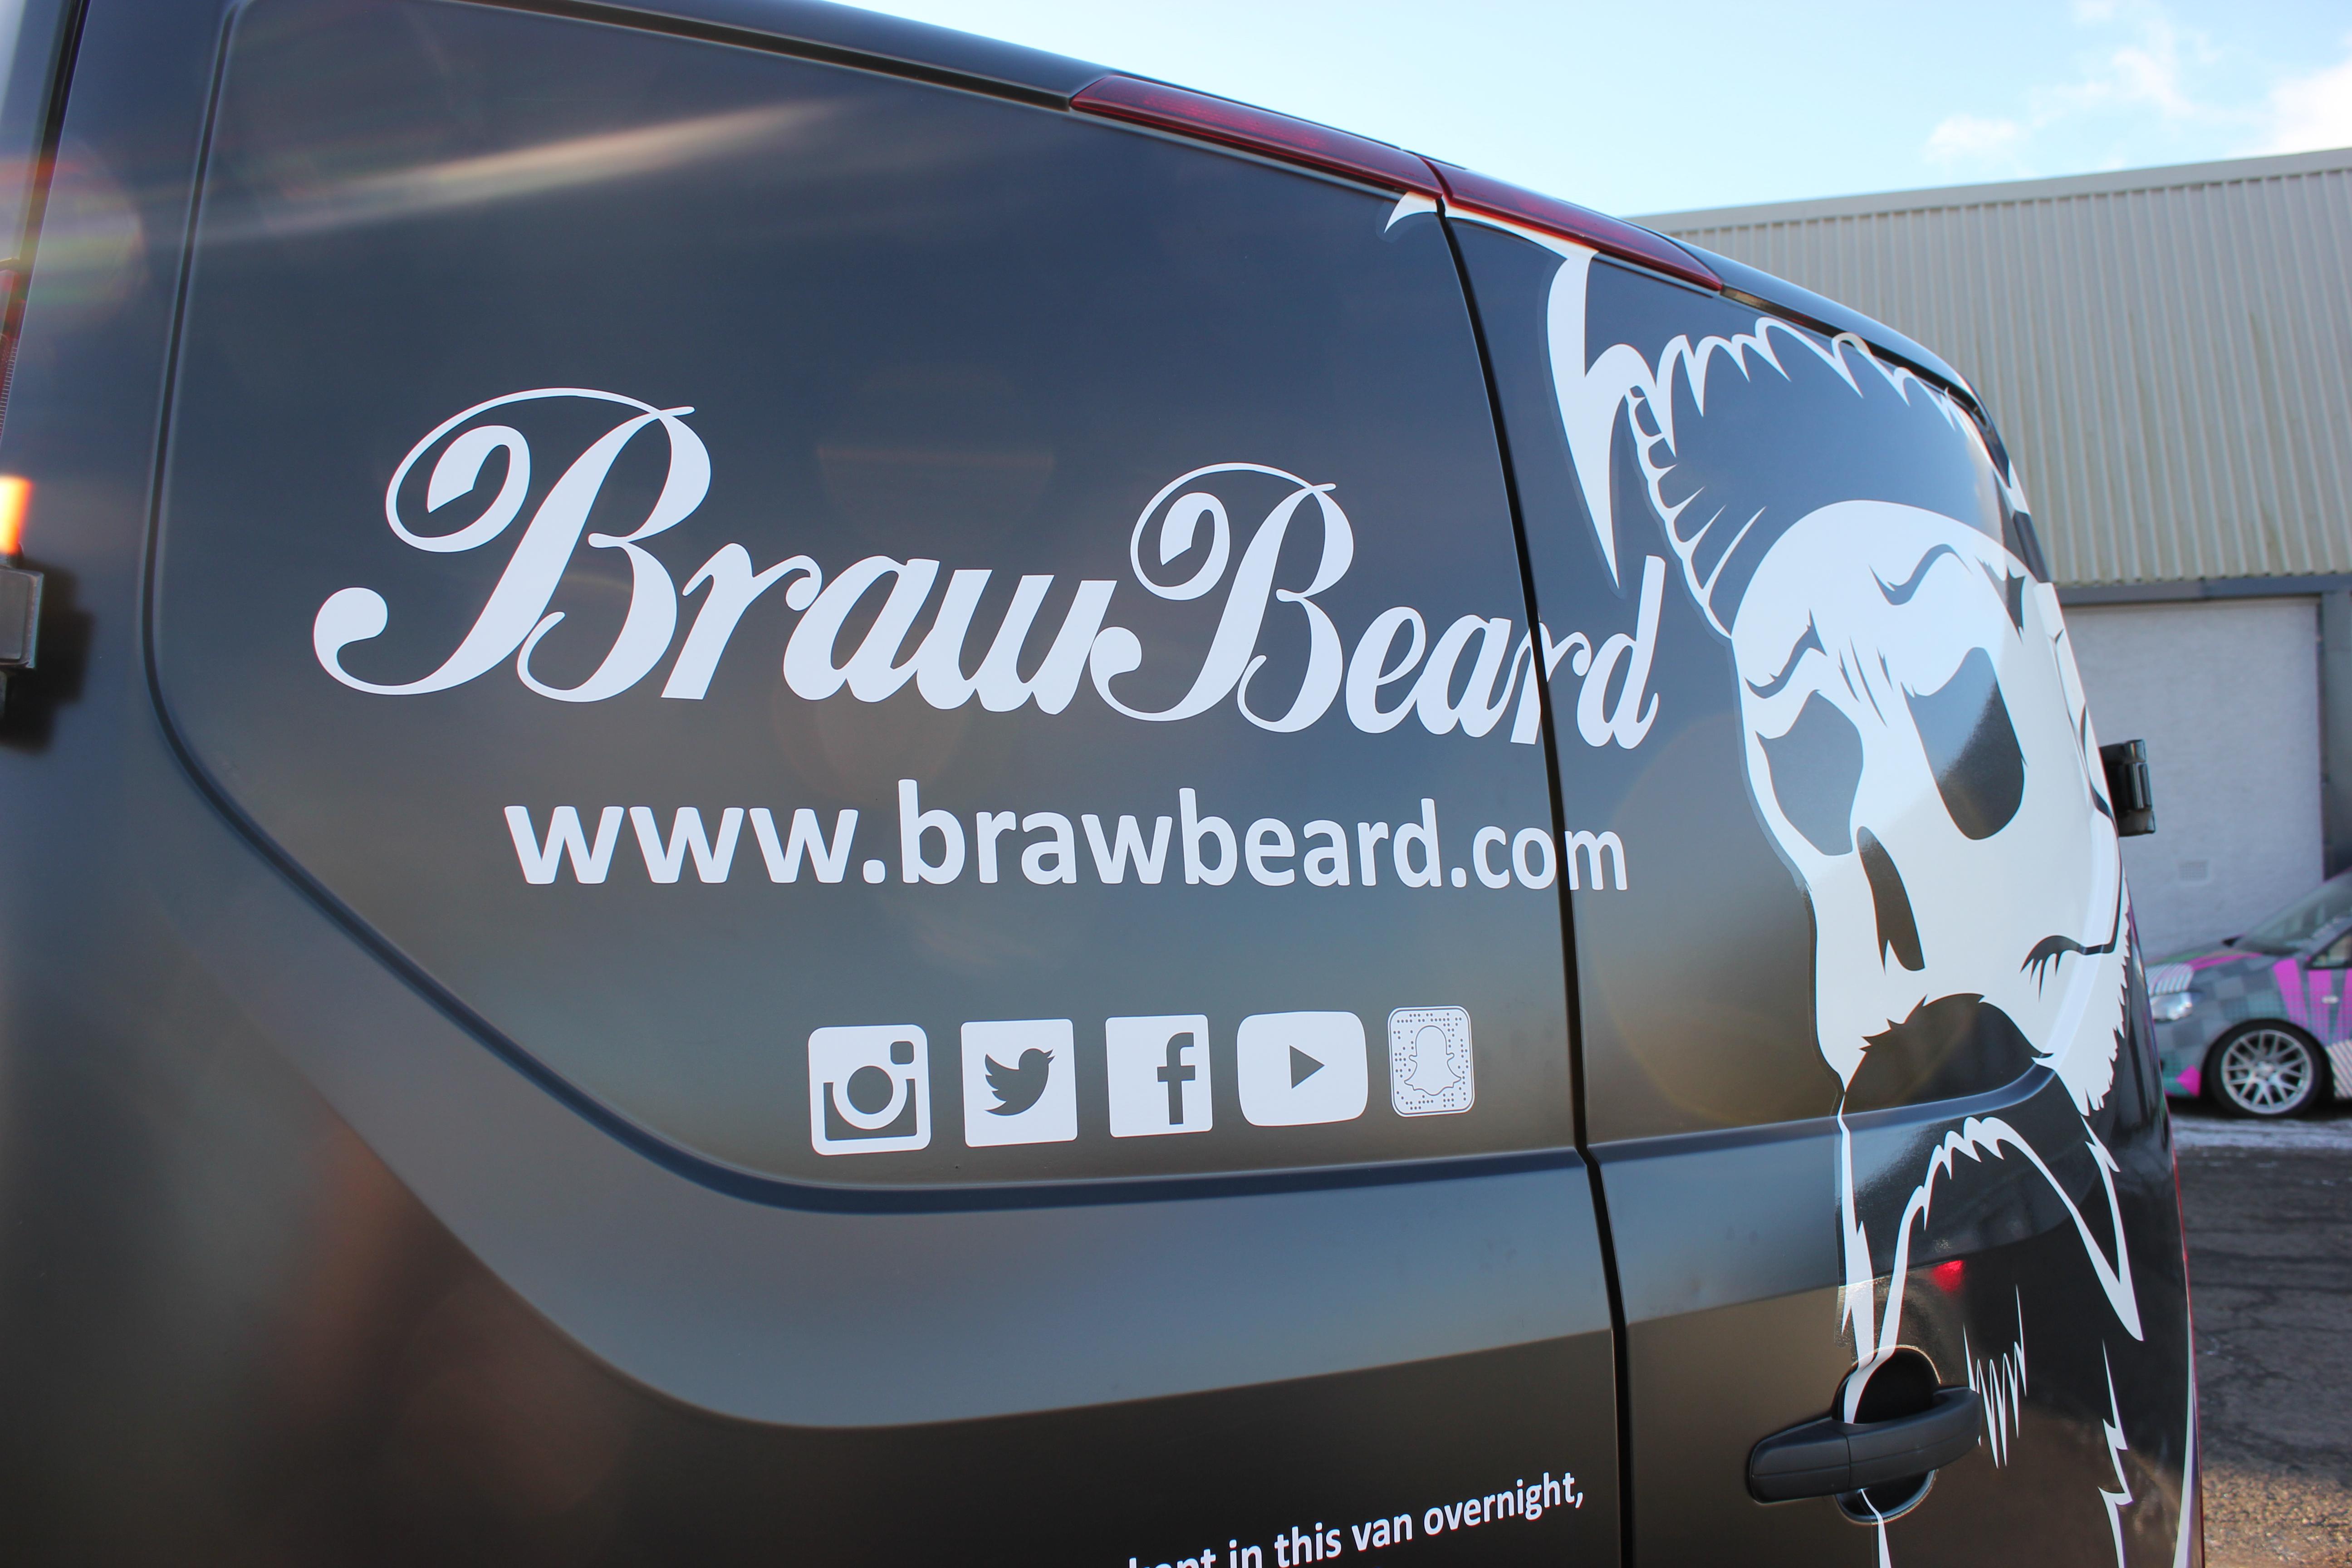 Brawbeard